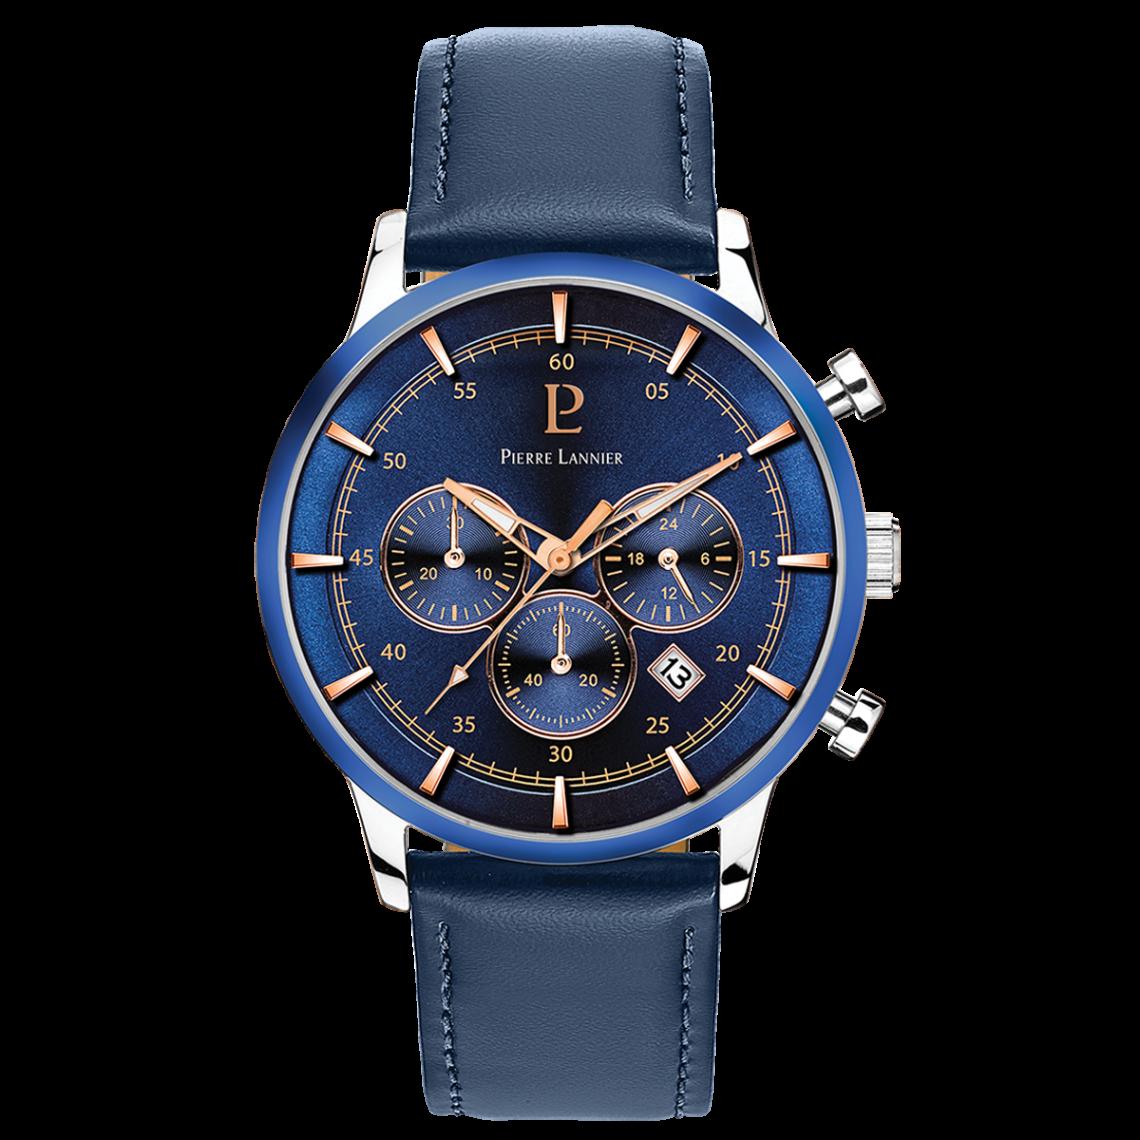 Montre 224G166 - Montre Chronographe Cuir Bleue Montres - Pierre Lannier - Modalova